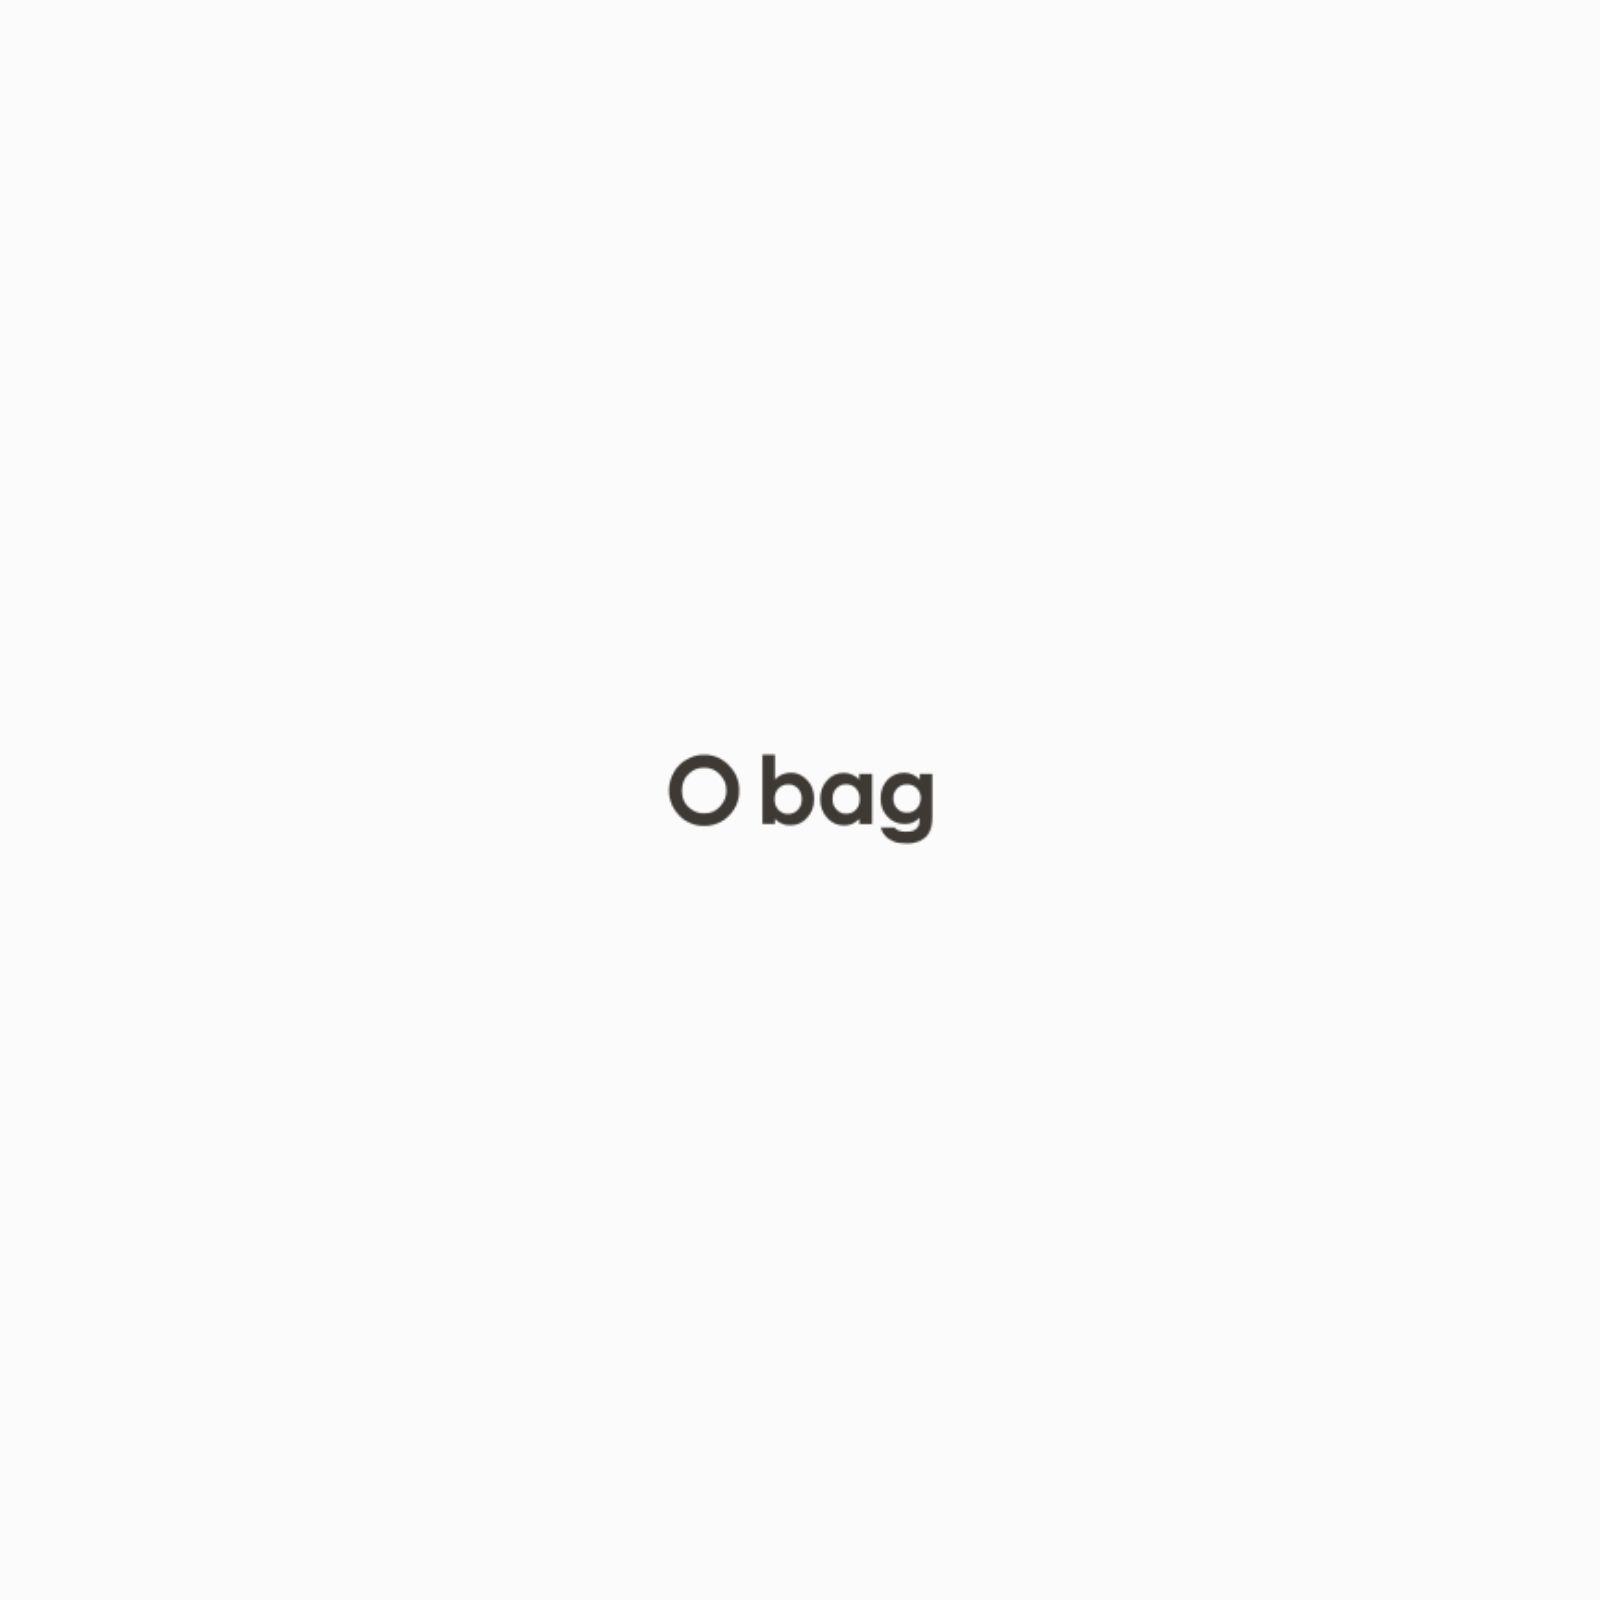 borse o bag sito ufficiale